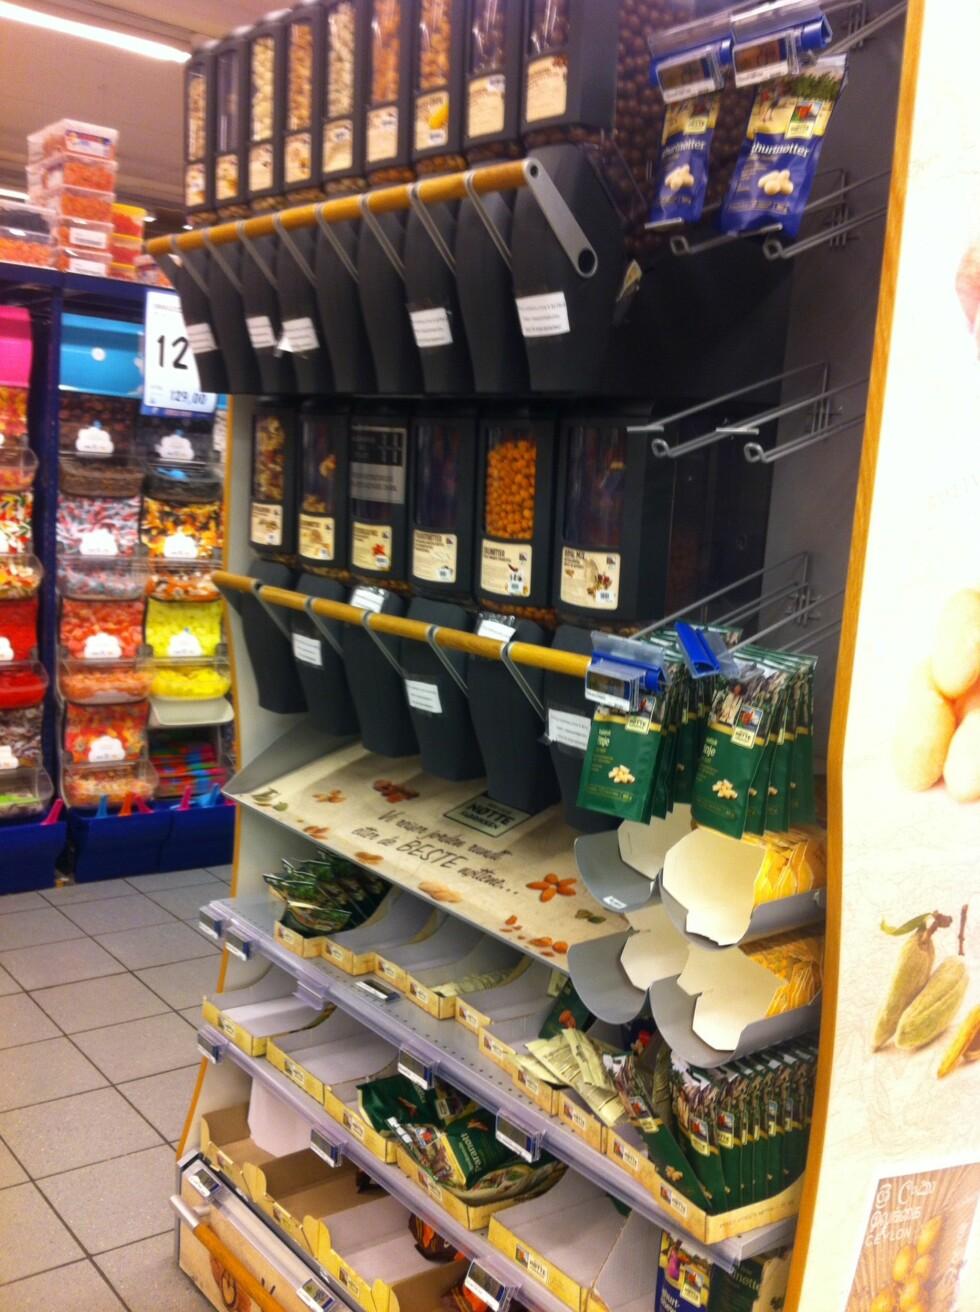 MER HYGIENISK: Noen butikker har byttet ut de gamle selvplukk-boksene med en mer hygienisk variant. Foto: Stine Helén Tunstrøm